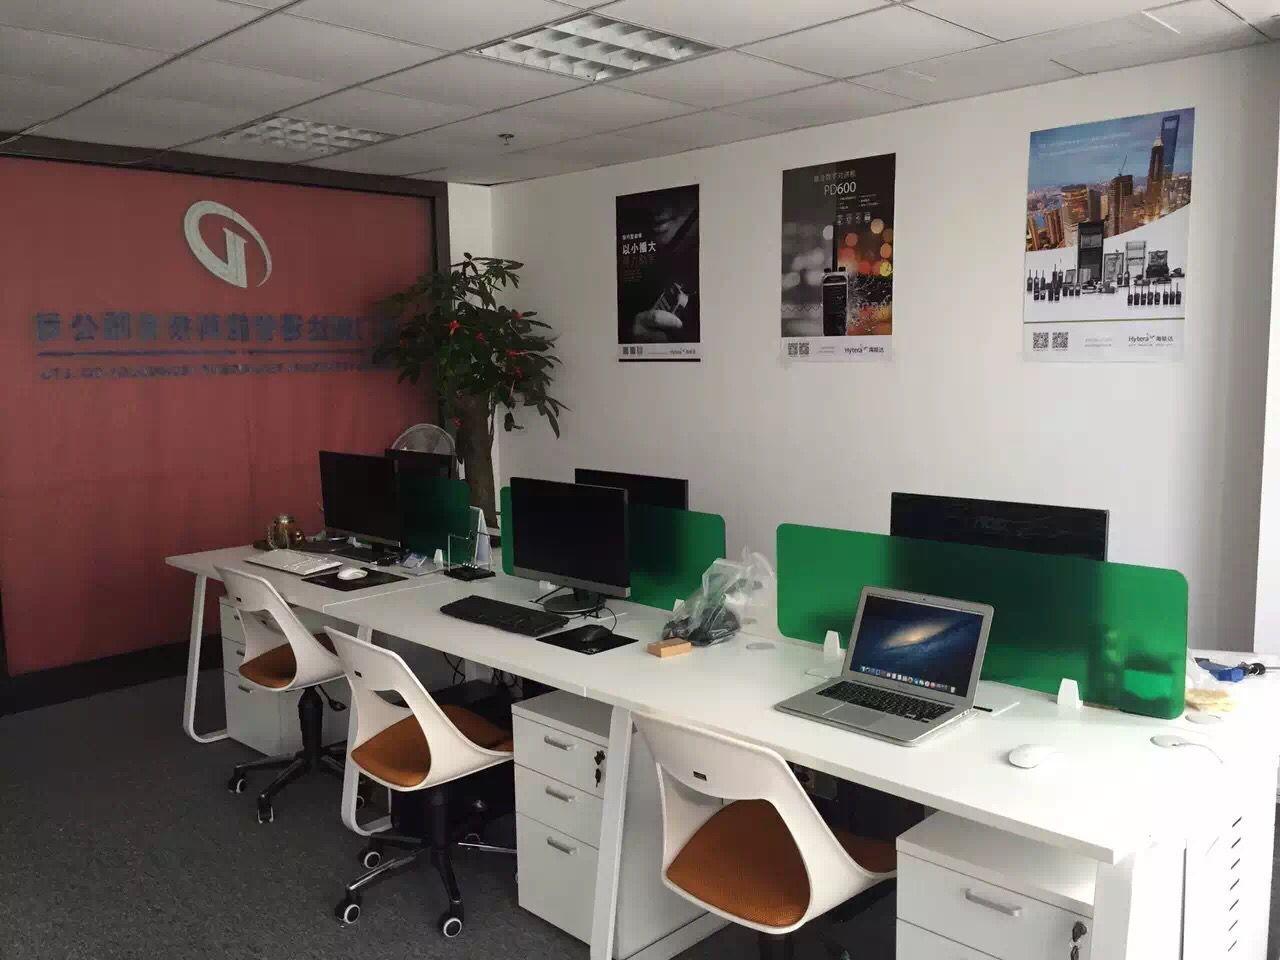 办公室文员工作计划_办公室文员,会计和业务员-请问会计文员或会计助理的工作职责